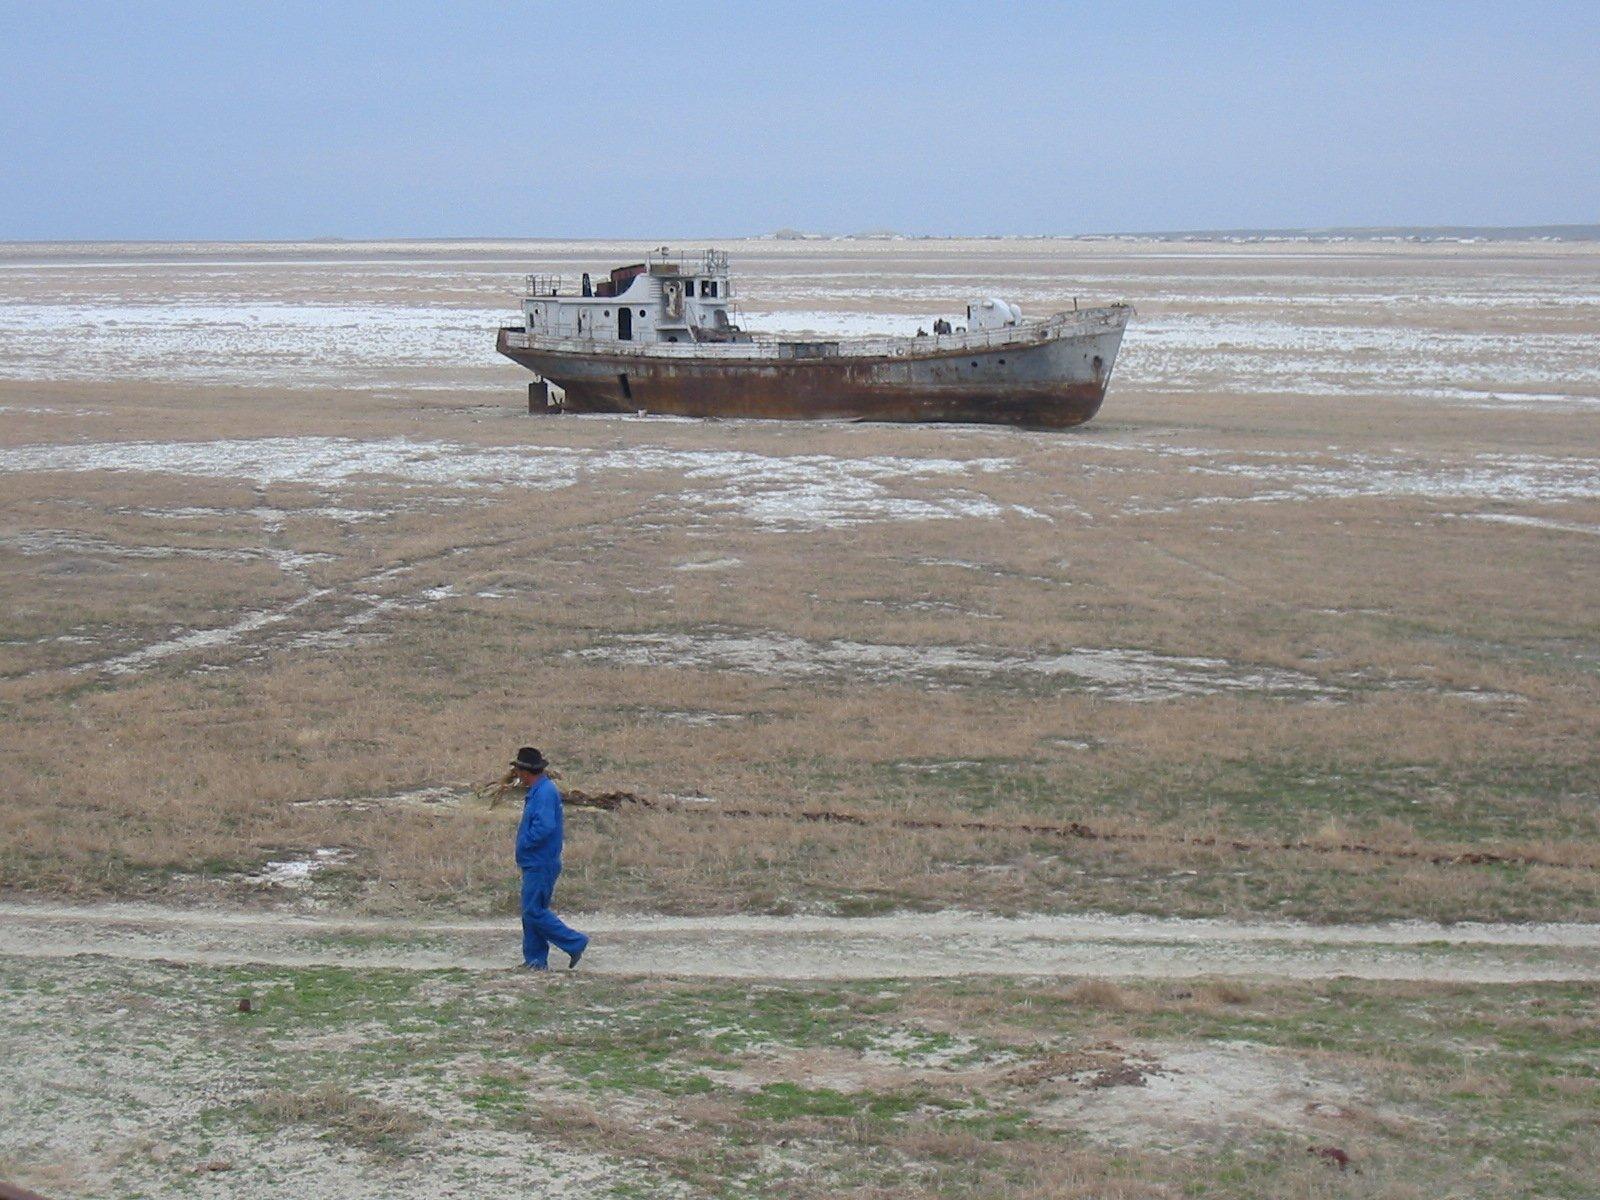 Na nowo powstałej pustyni można spotkać statki - nawet kilkadziesiąt kilometrów od dzisiejszego brzegu